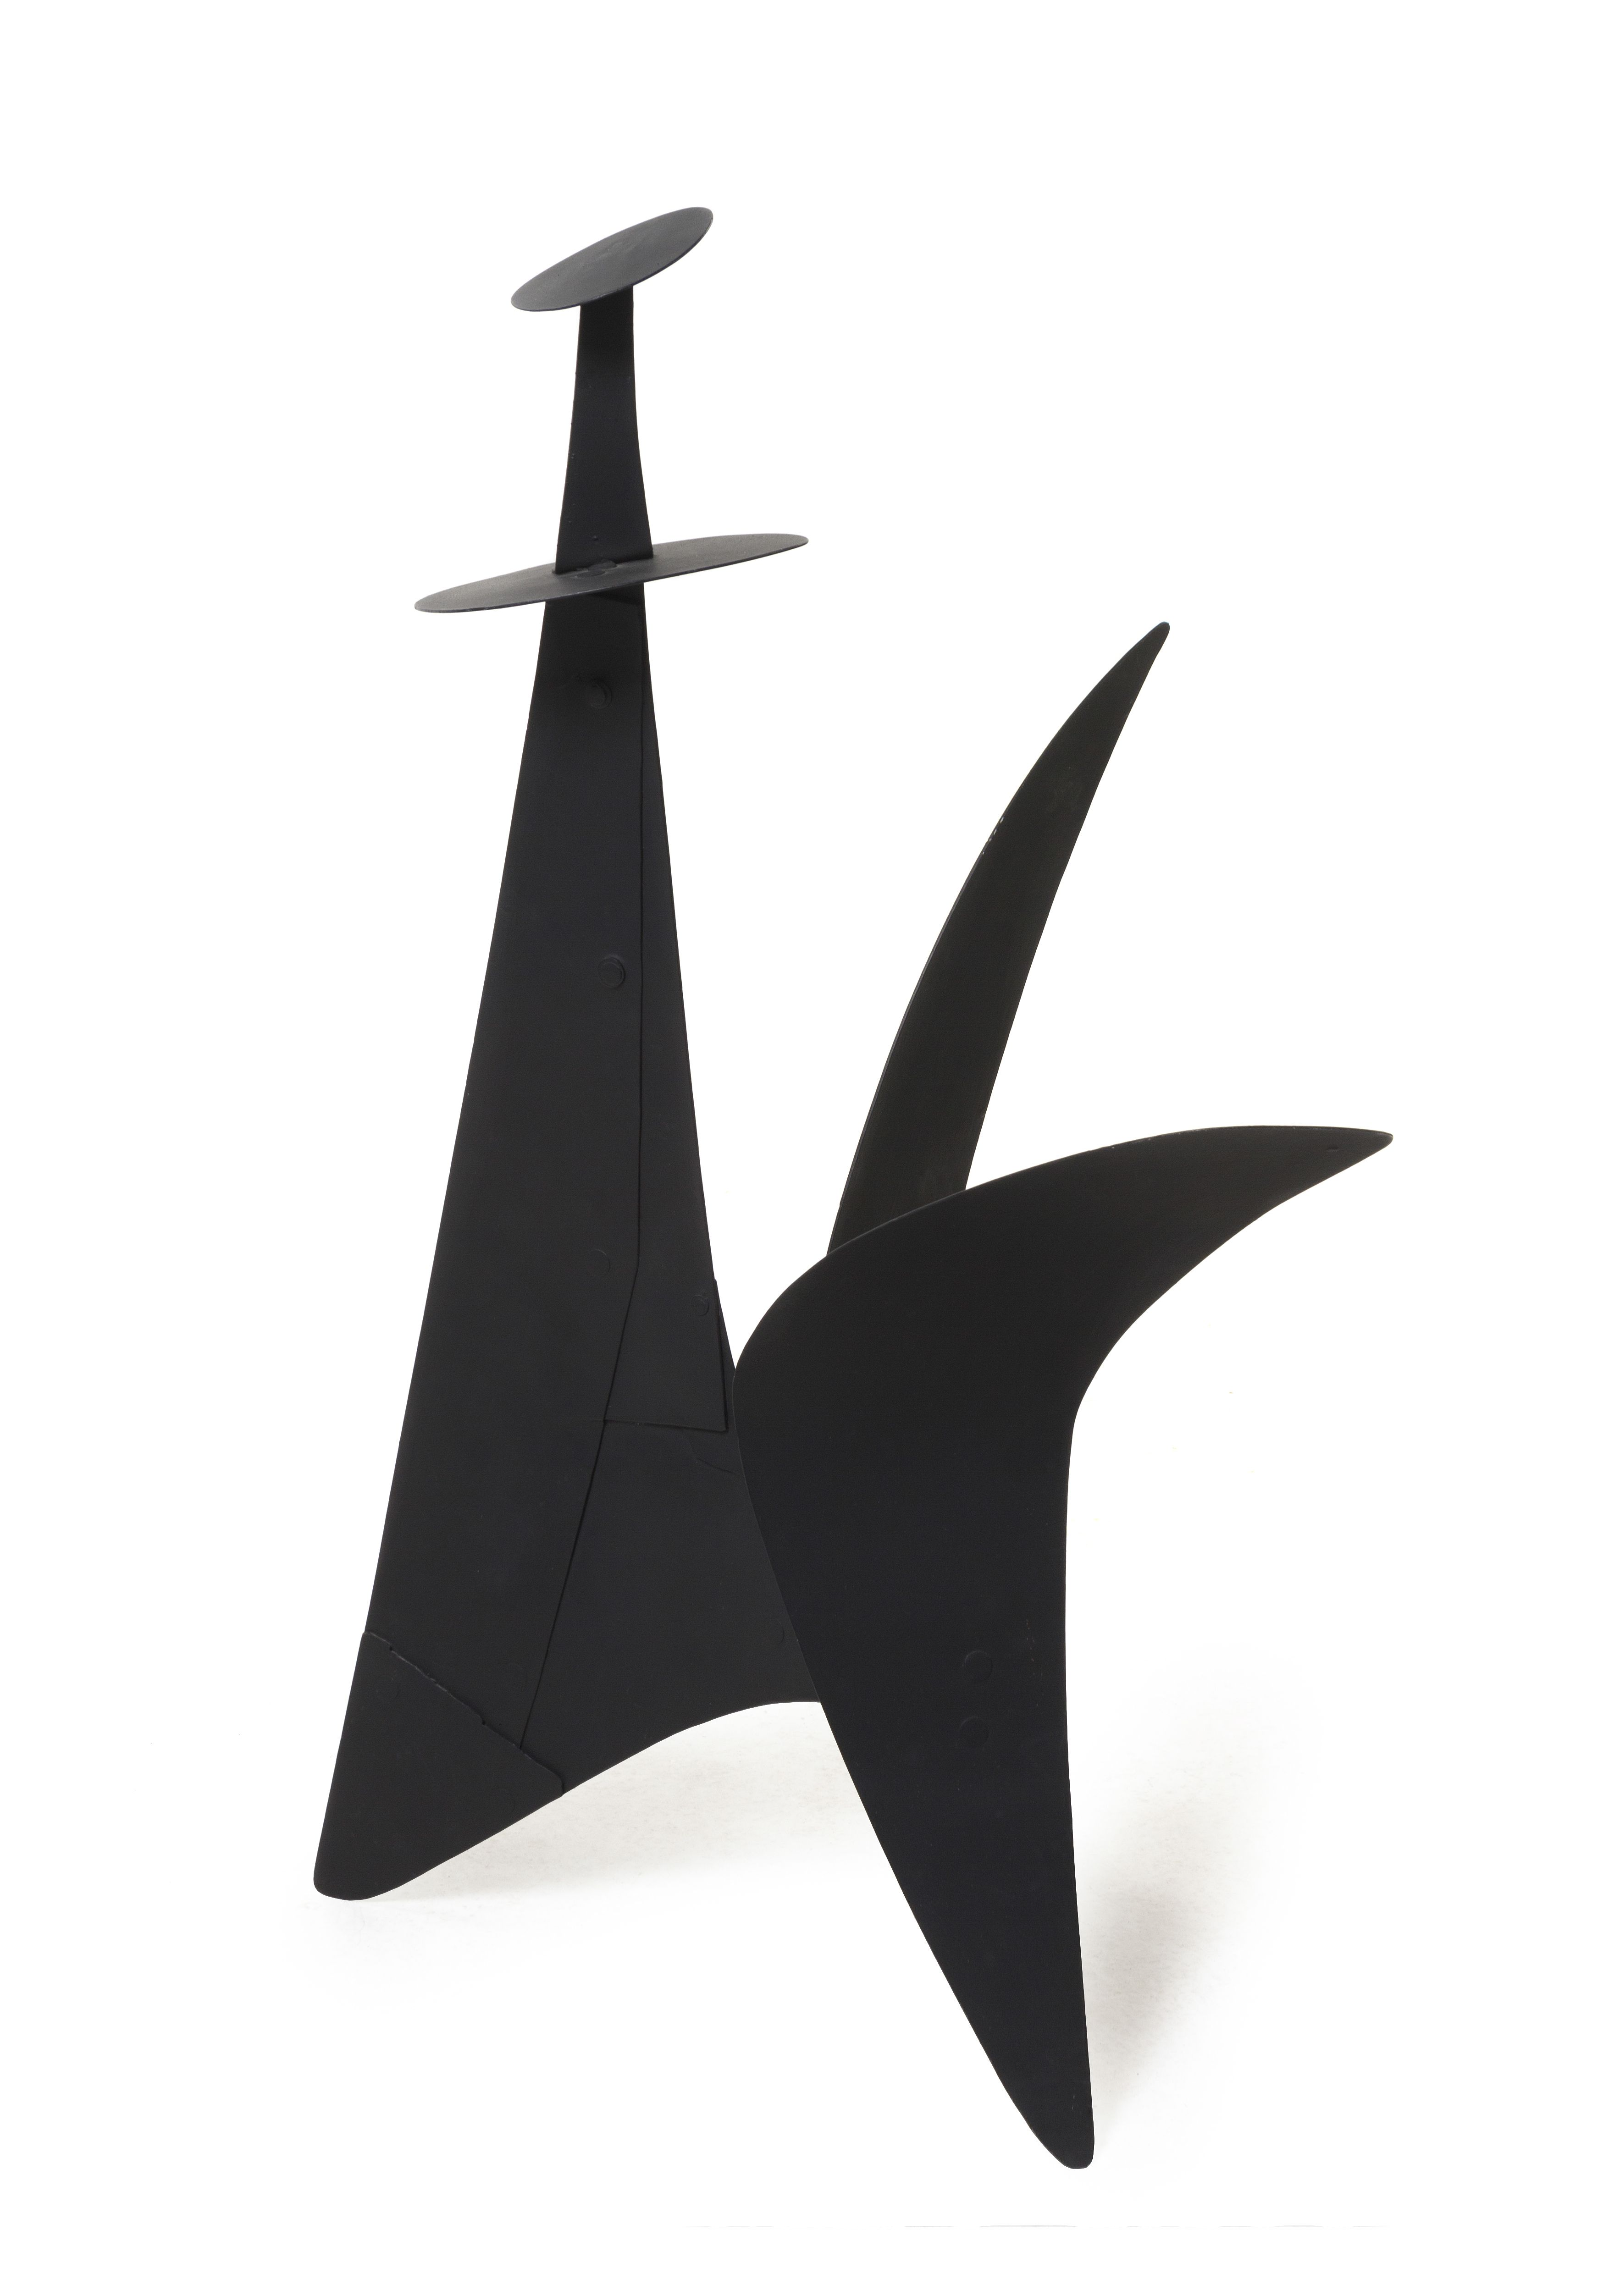 Alexander Calder, (American, 1898-1976)  |  Le Champignon, circa 1956